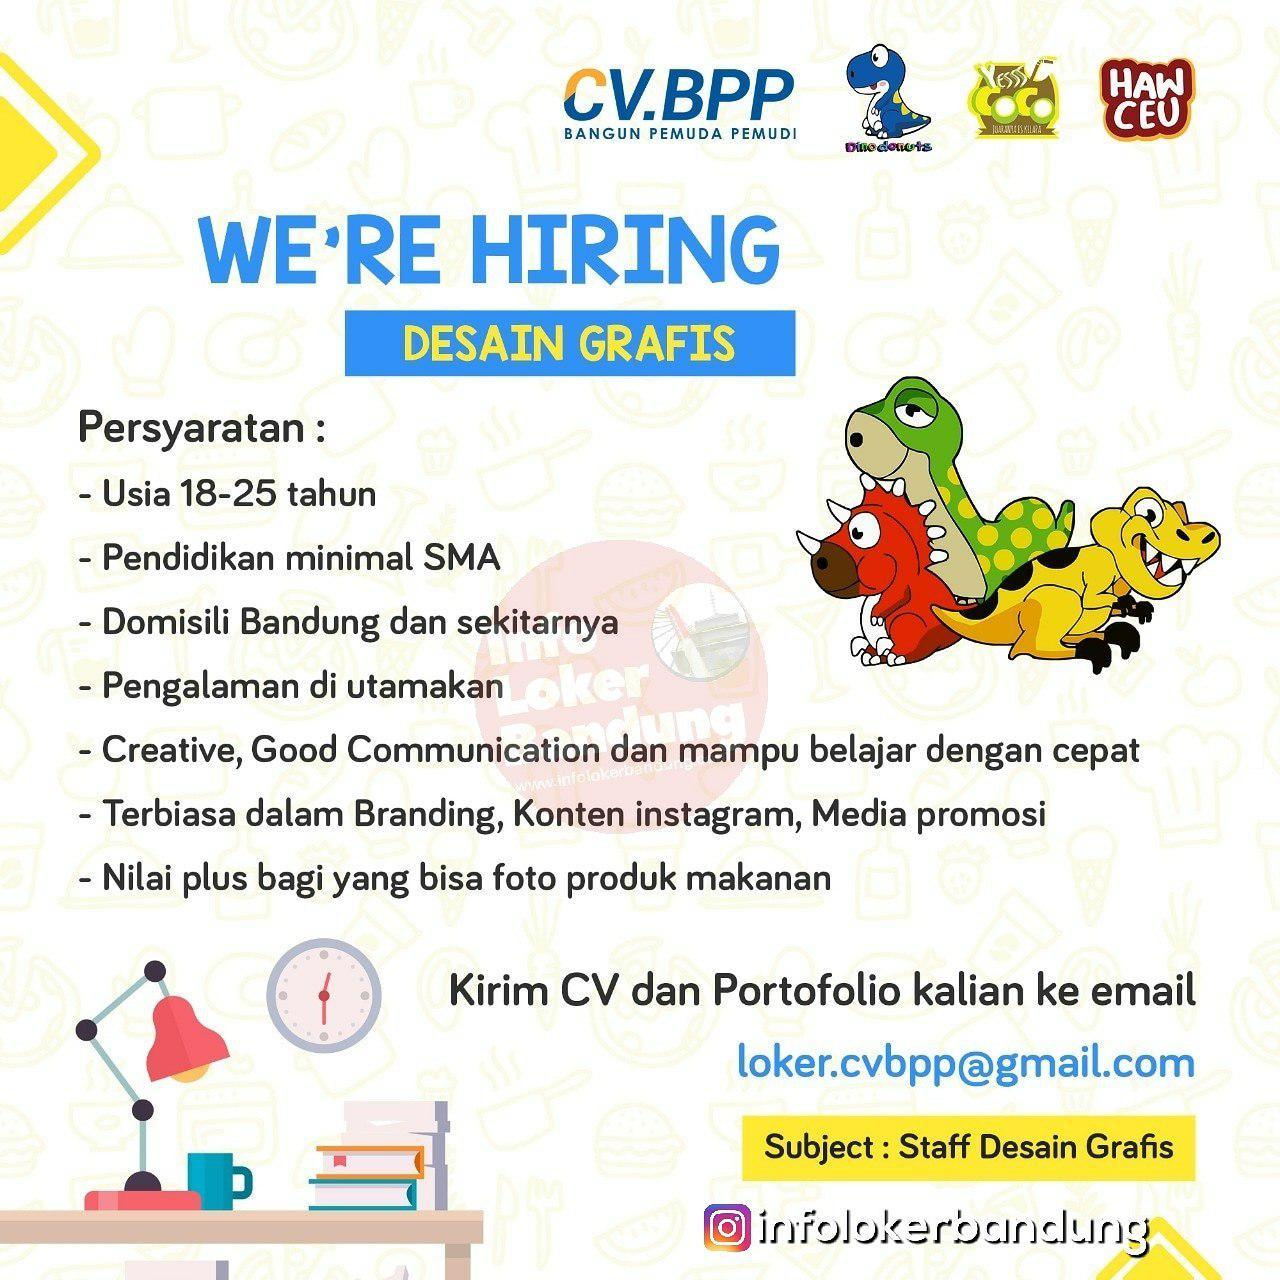 Lowongan Kerja Desain Grafis CV.BPP Bandung Januari 2019